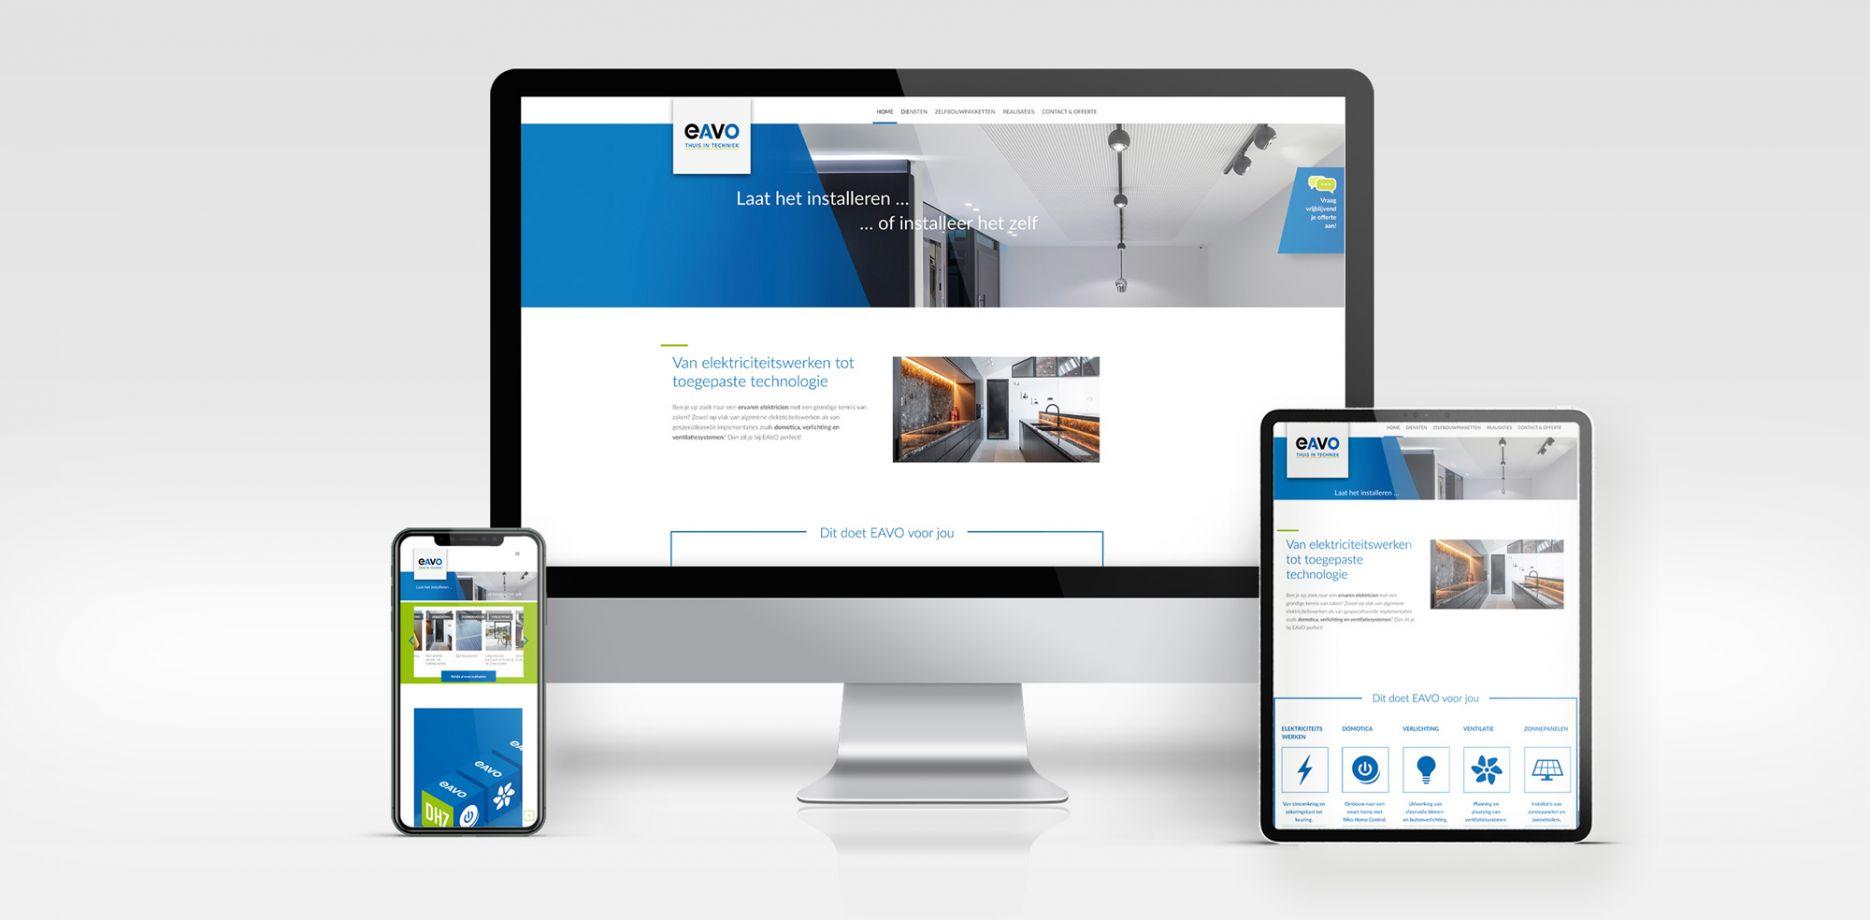 EAVO website